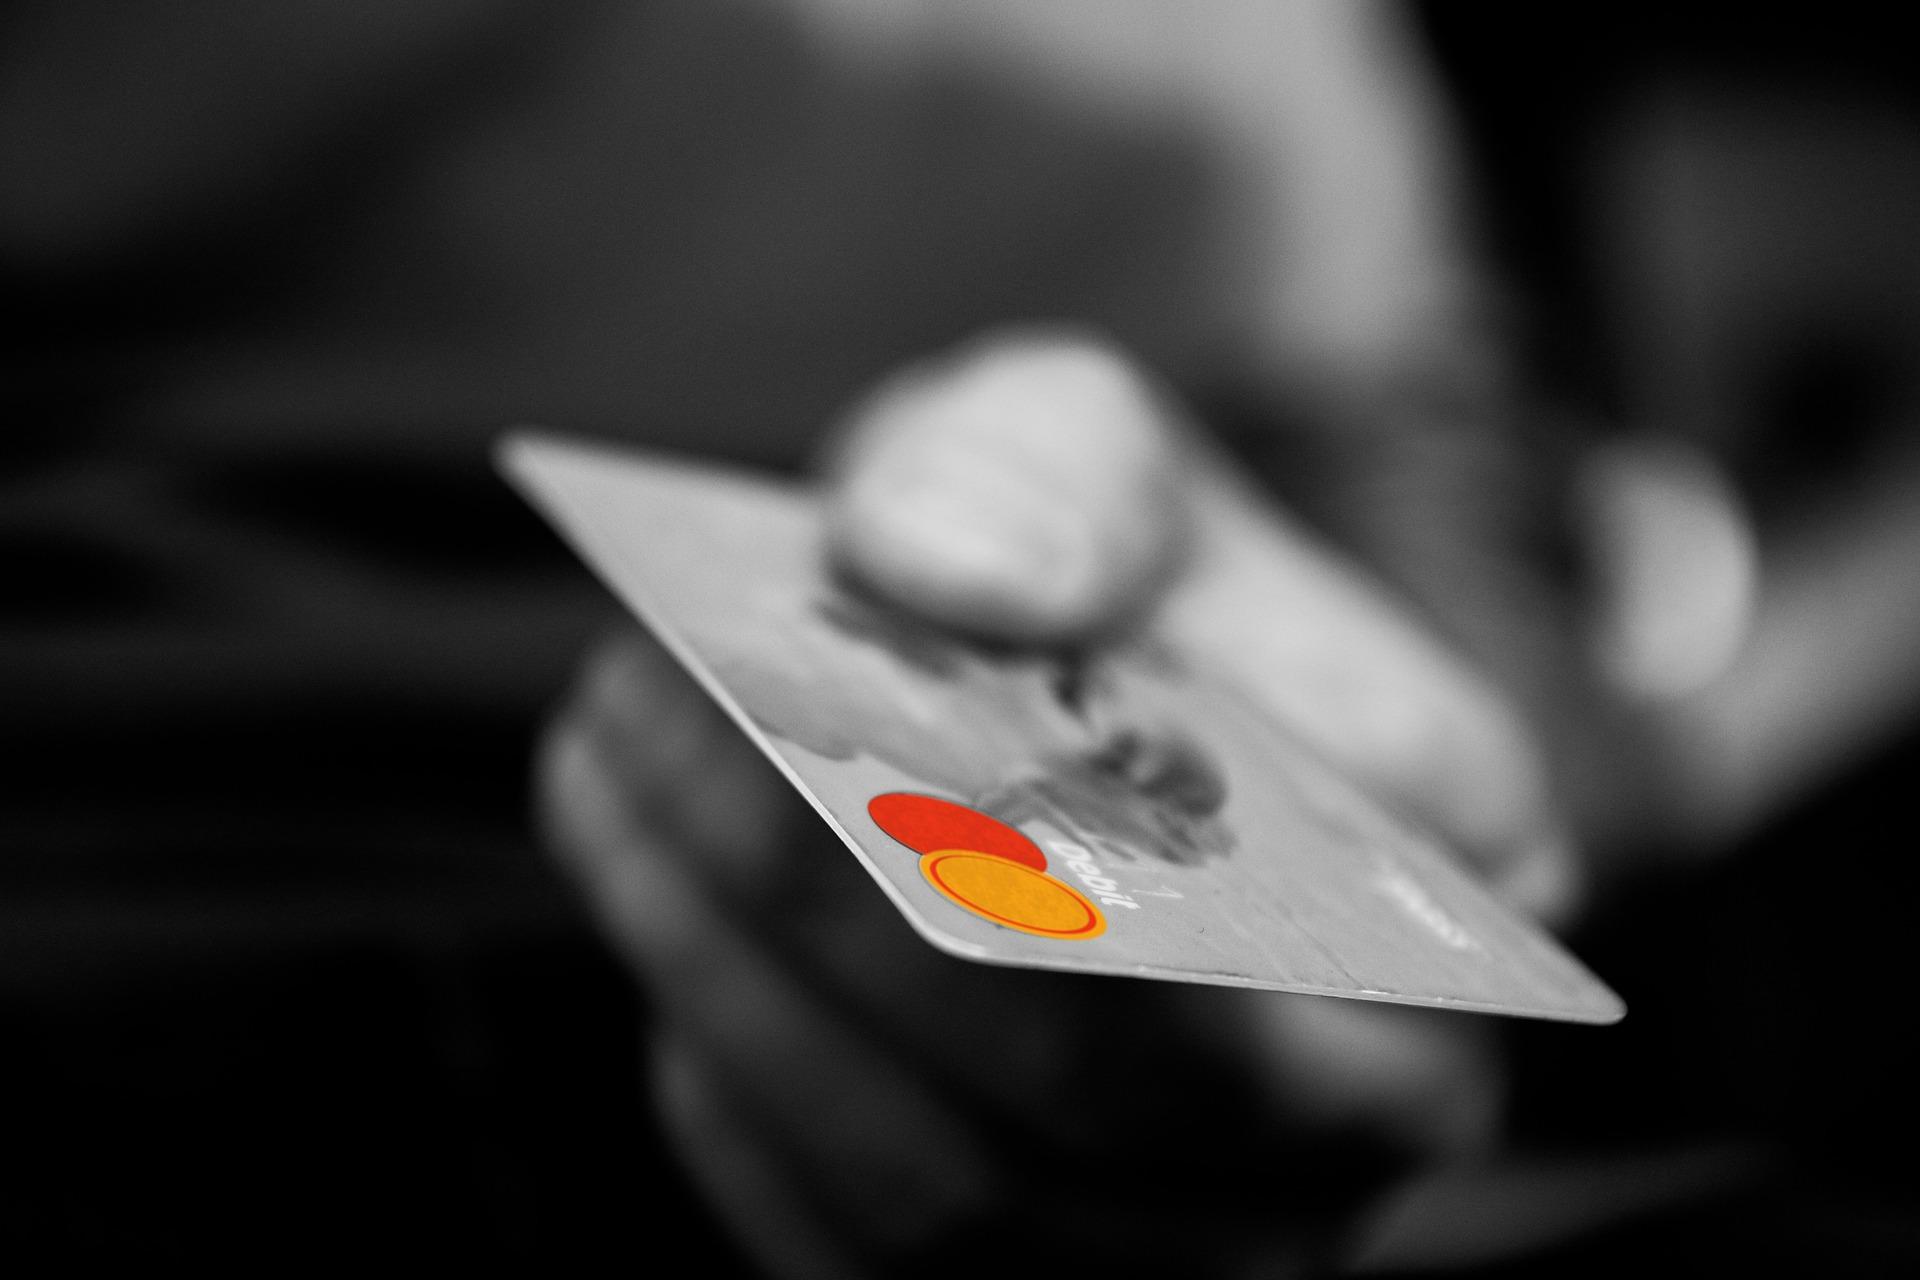 cartões de crédito sem consulta ao SPC e Serasa